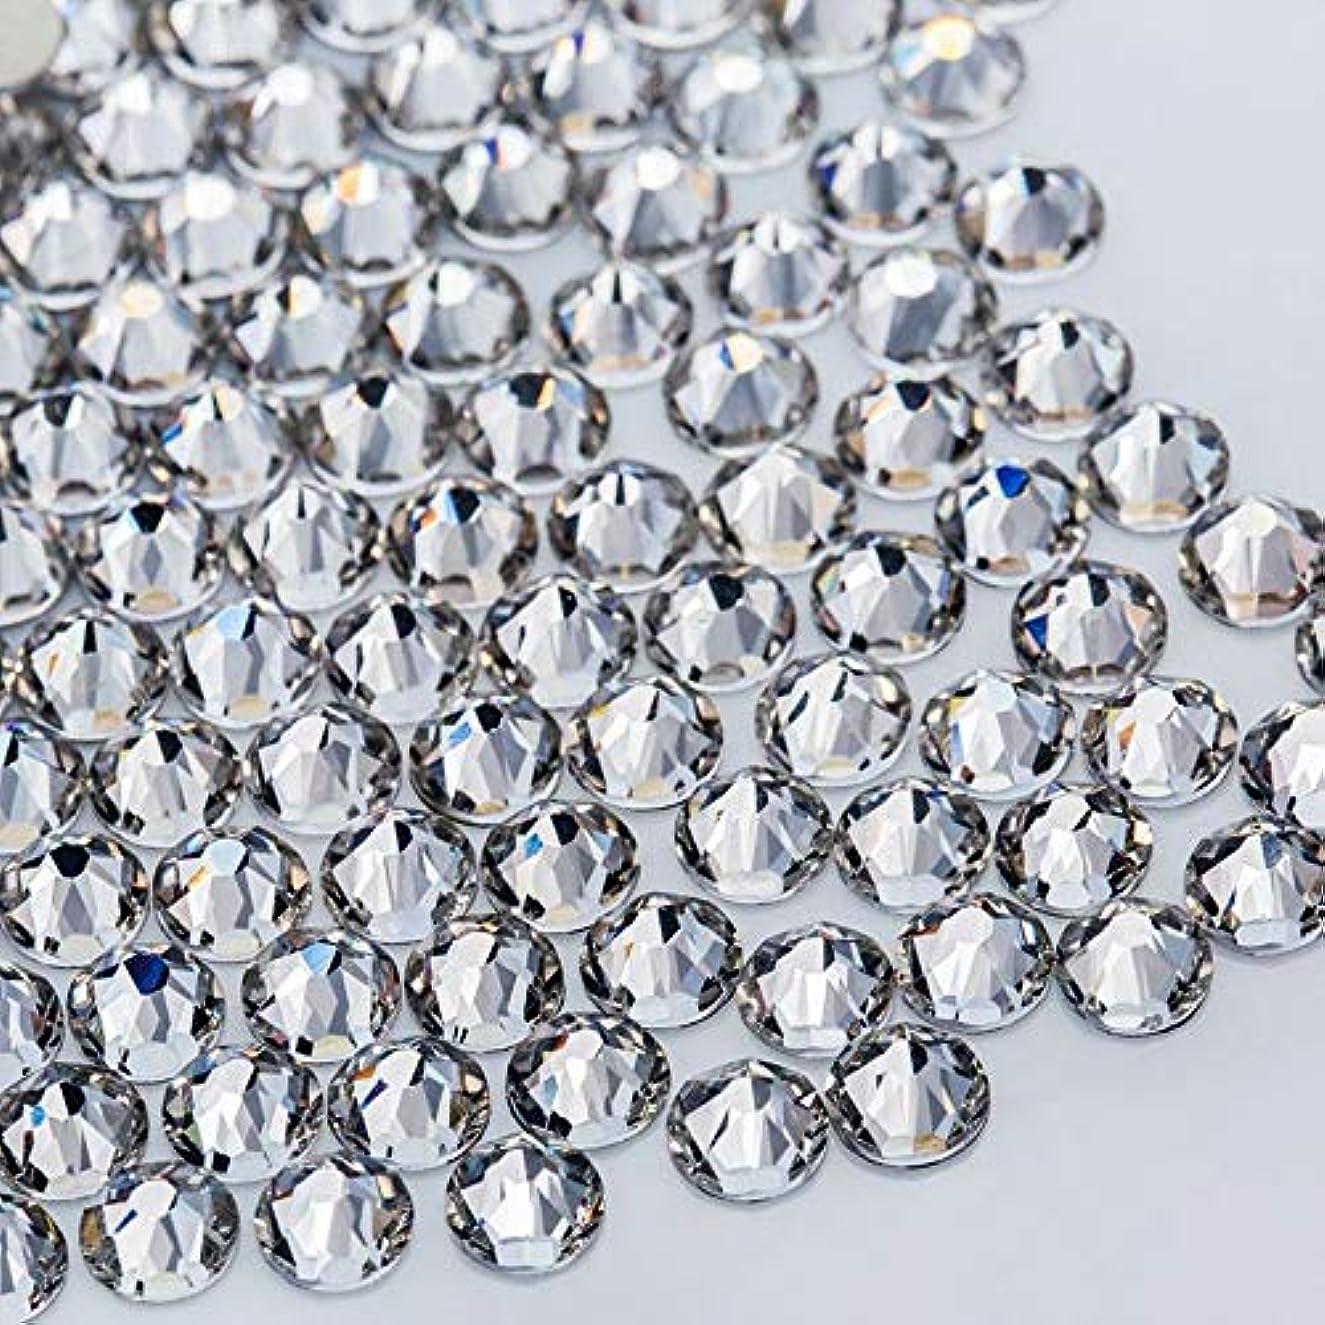 自体蚊著作権WTX ガラス製 ラインストーン 高品質 1440粒 SS4~SS30 ネイル デコ クリスタル (SS8(約2.3-2.5mm), クリスタル)